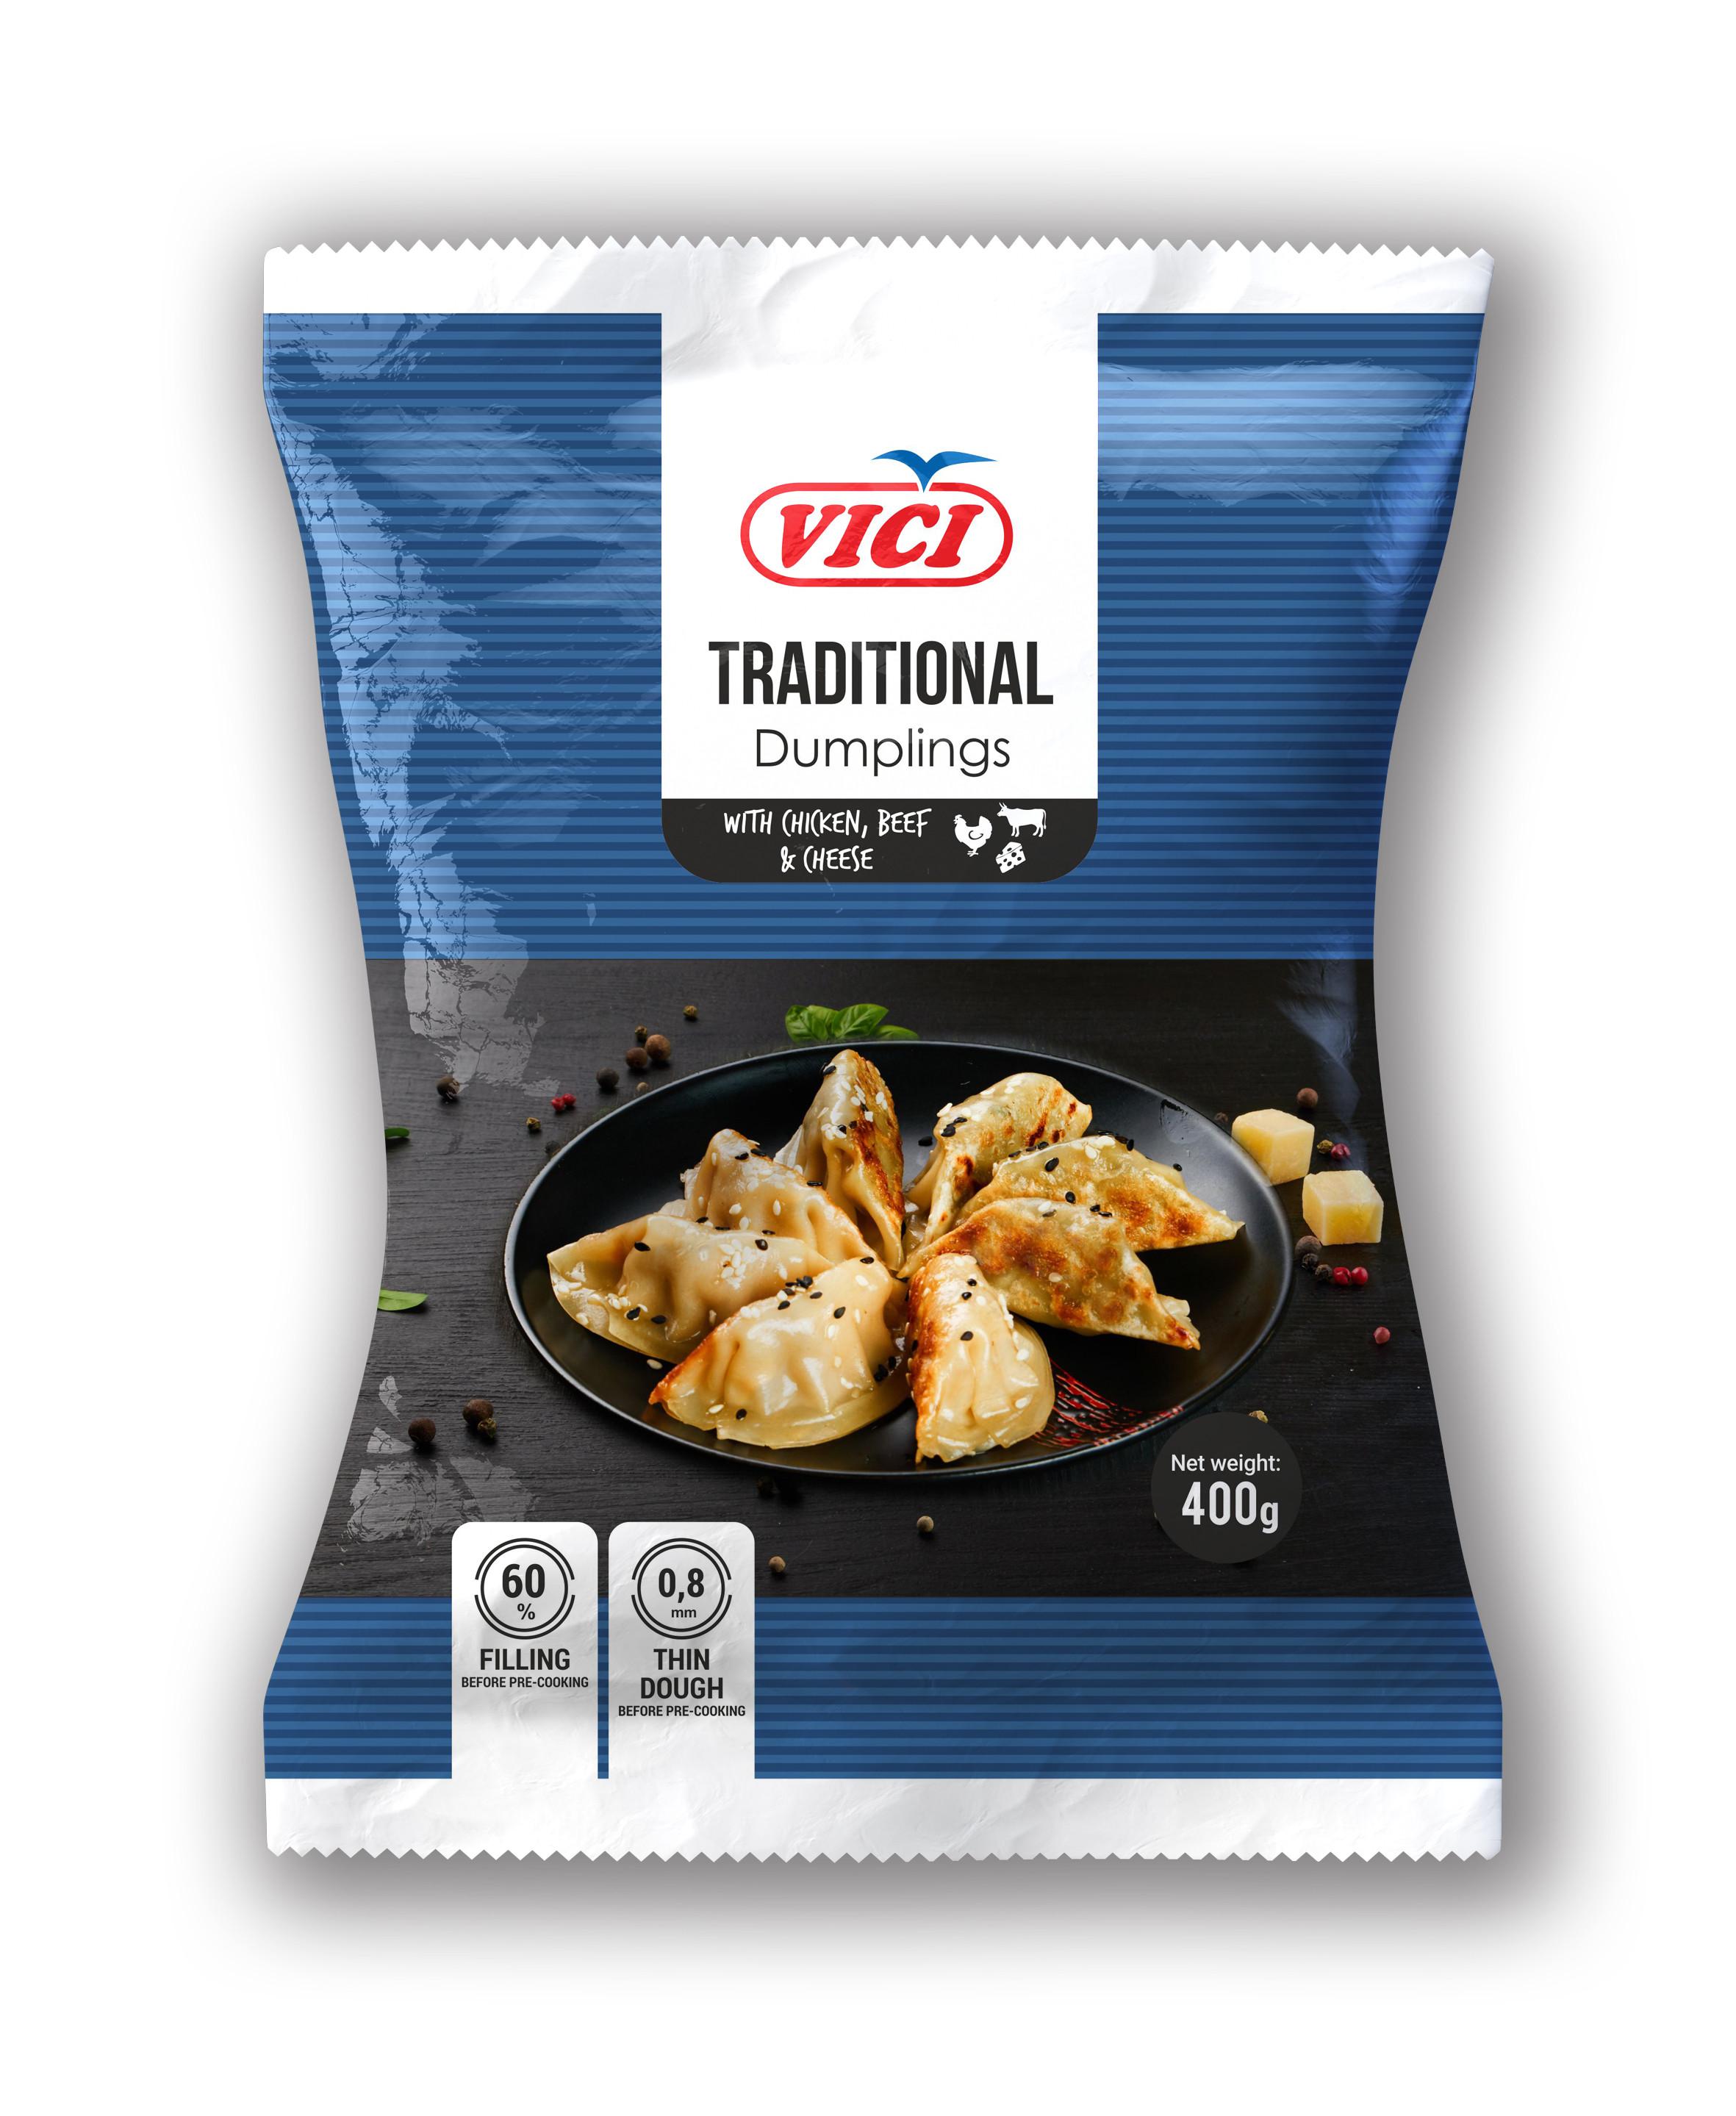 Pelmeenid kana, veiseliha, juustu Traditional style 400g VICI